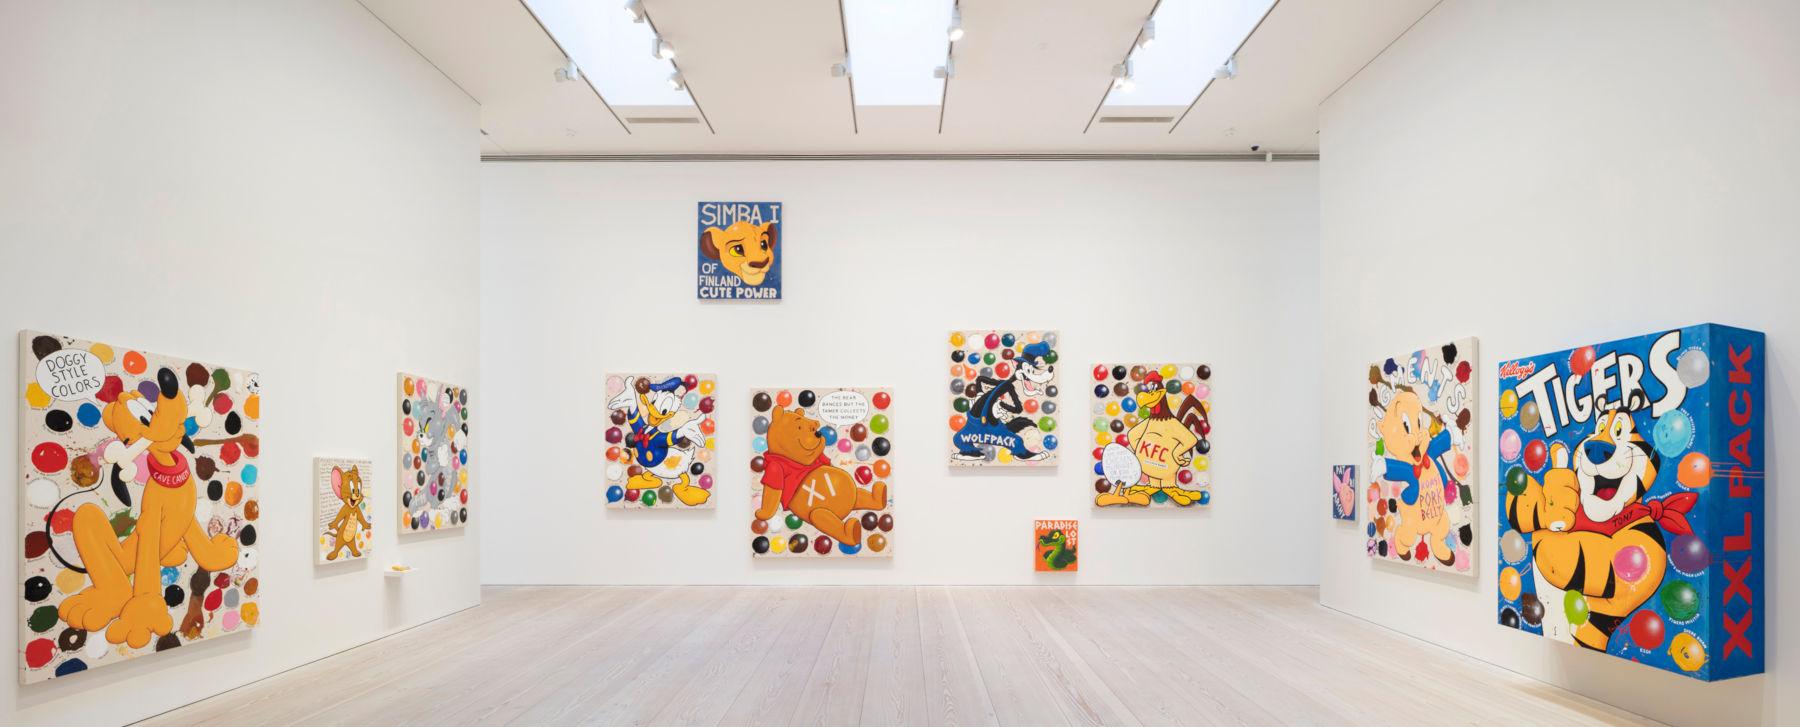 Galerie Forsblom Riiko Sakkinen 1